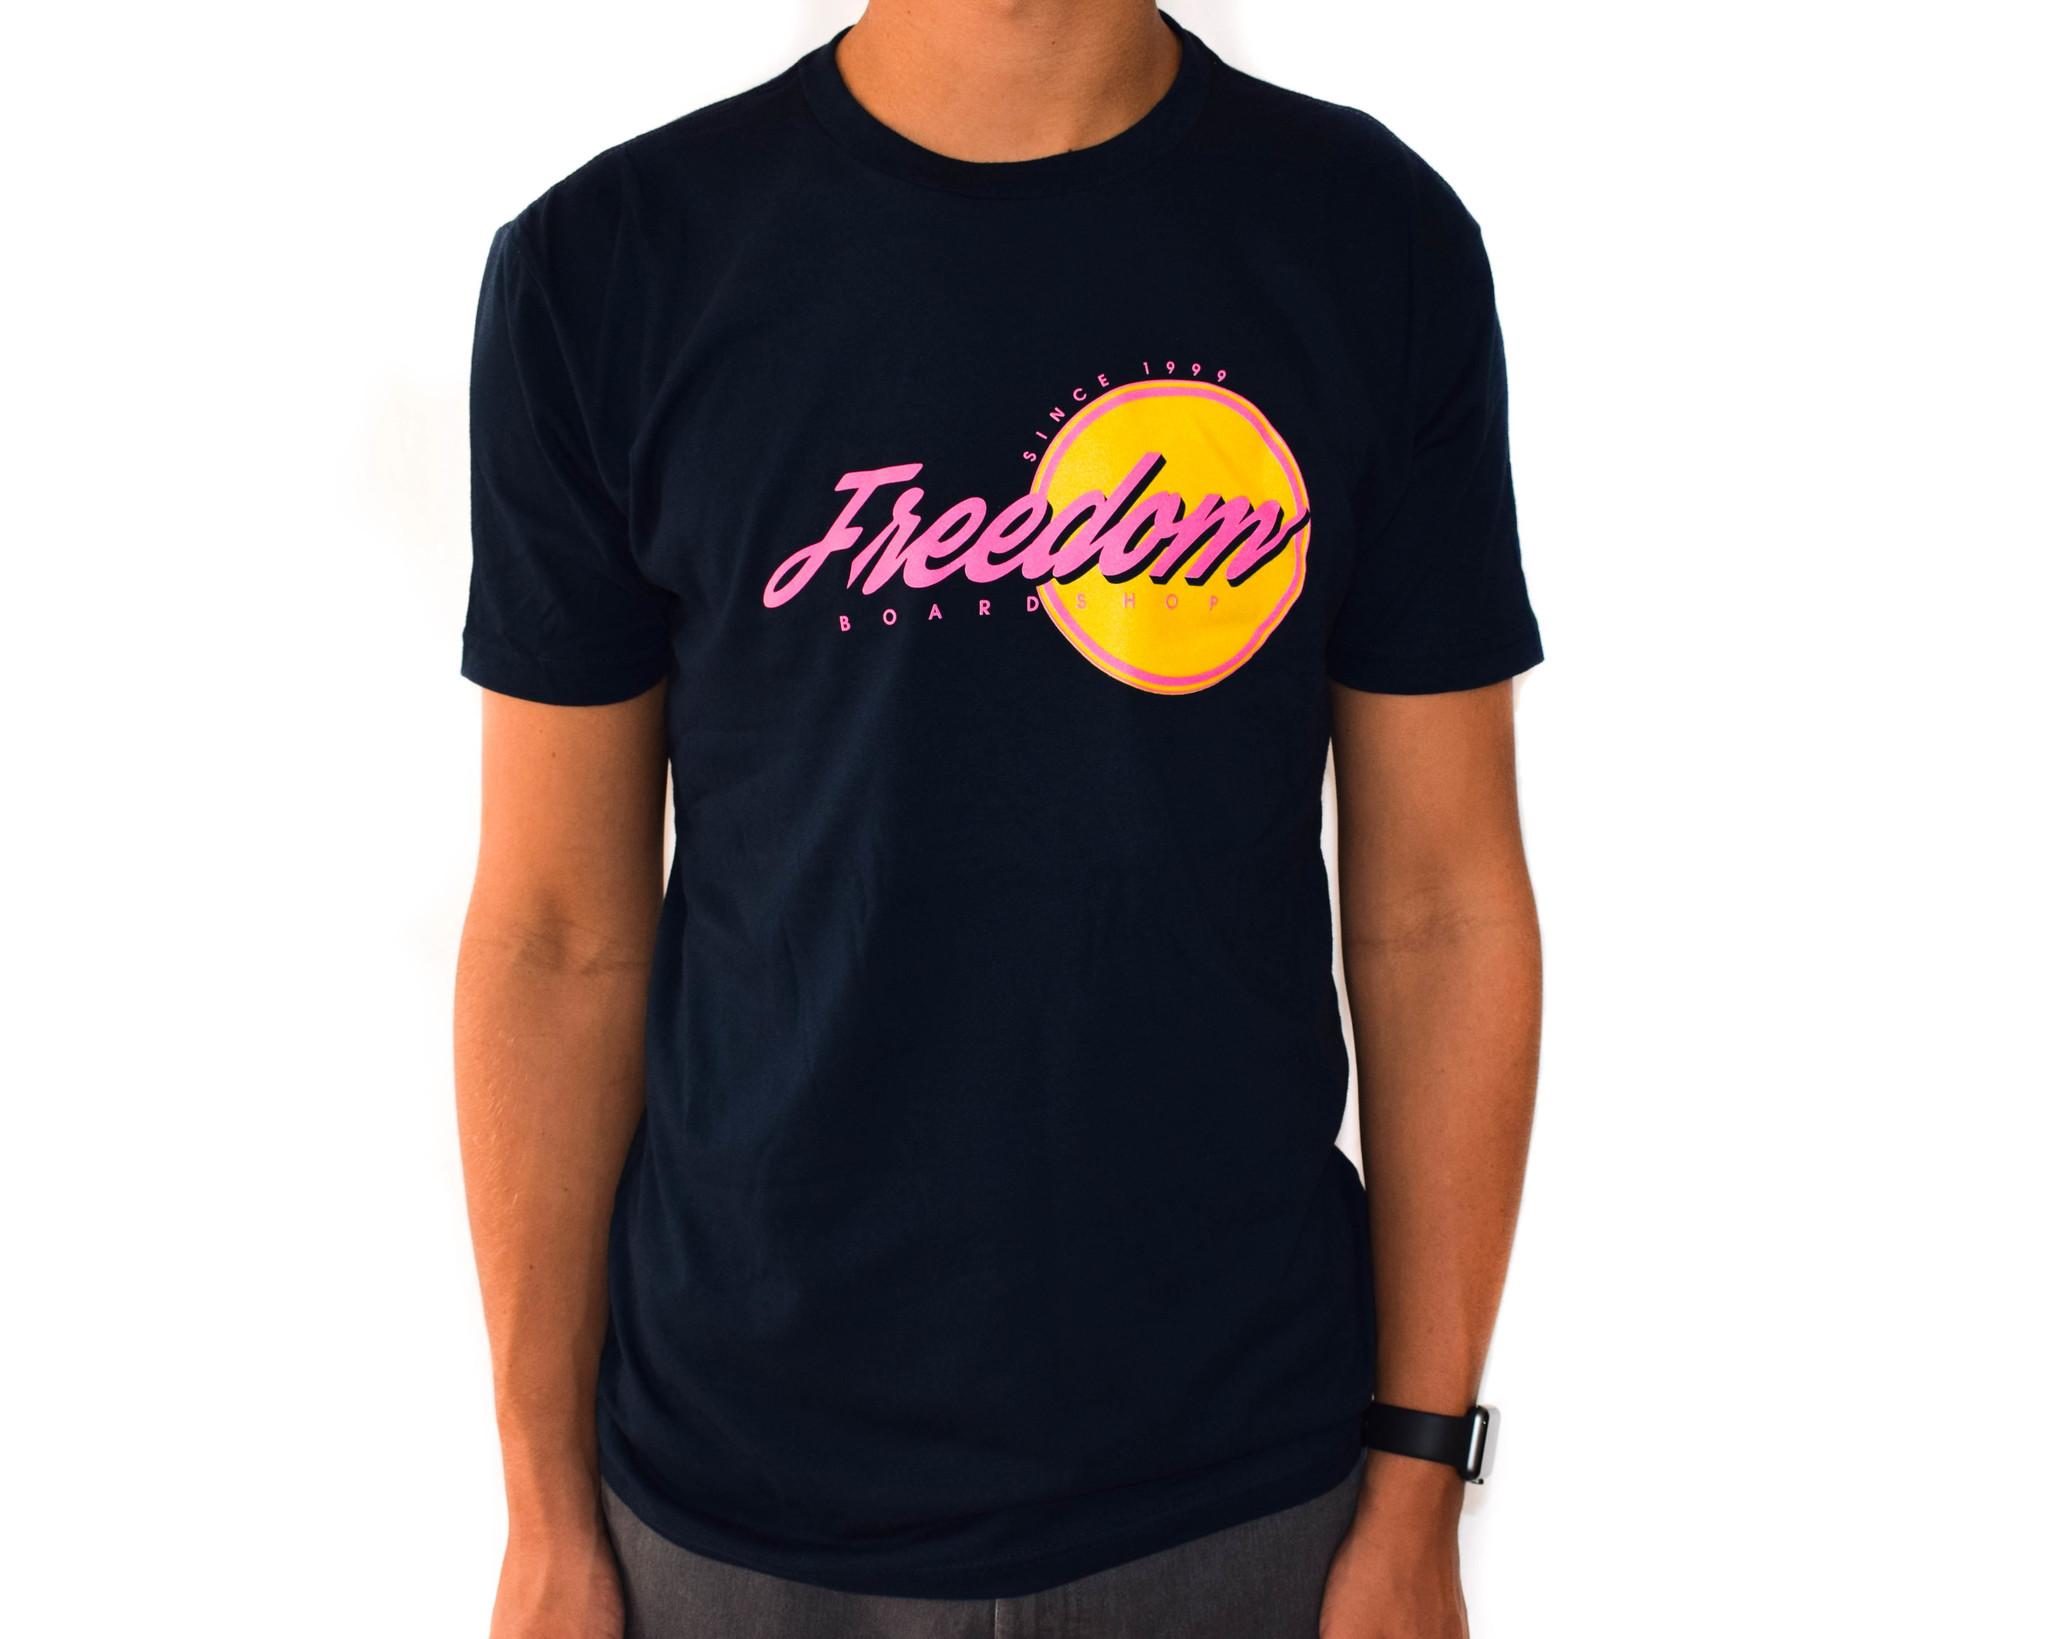 Freedom Boardshop TEE-FREEDOM 70's